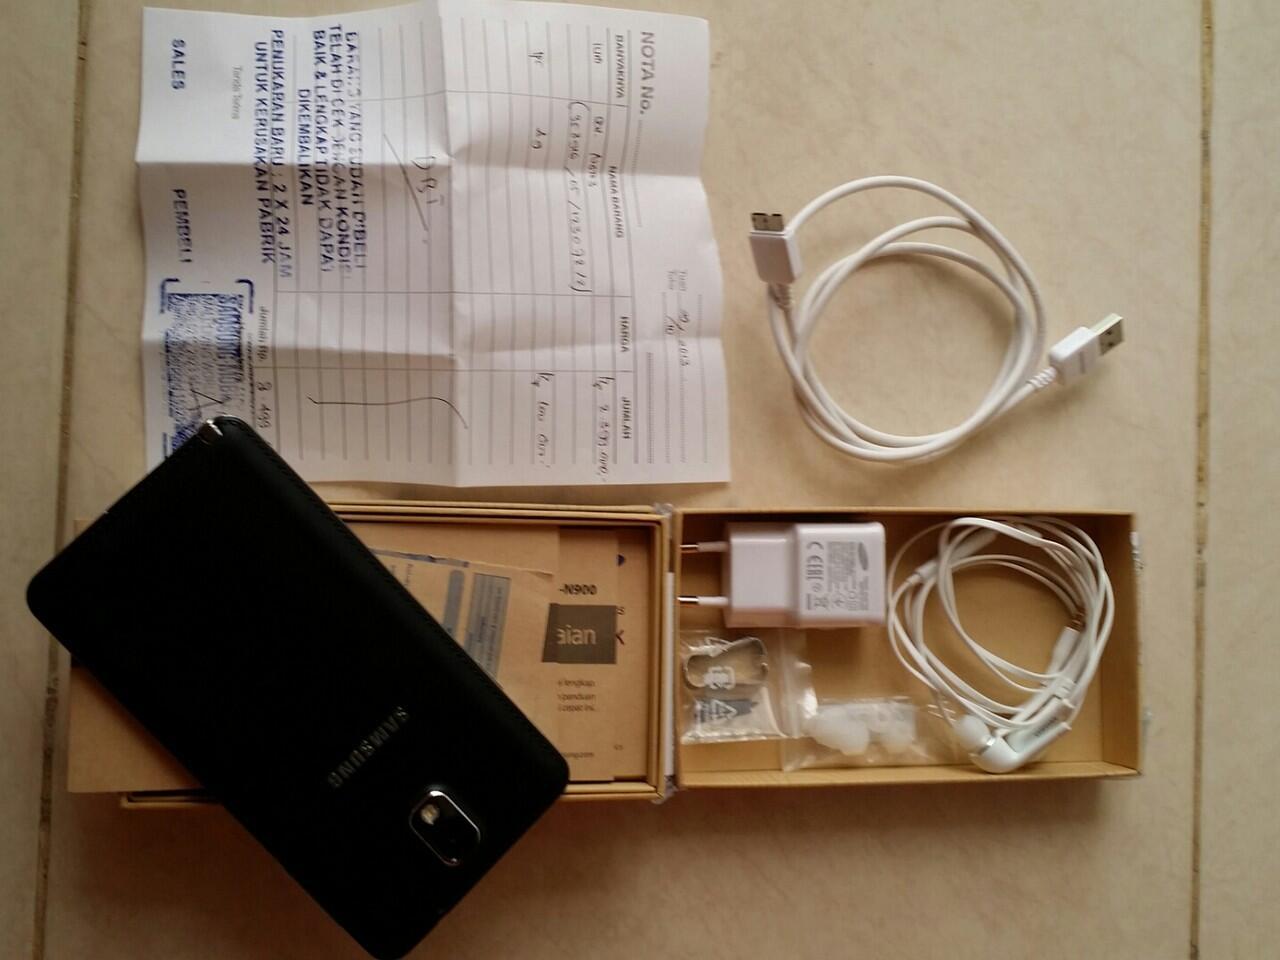 Jual Galaxy Note 3 baru 1 bulan pake